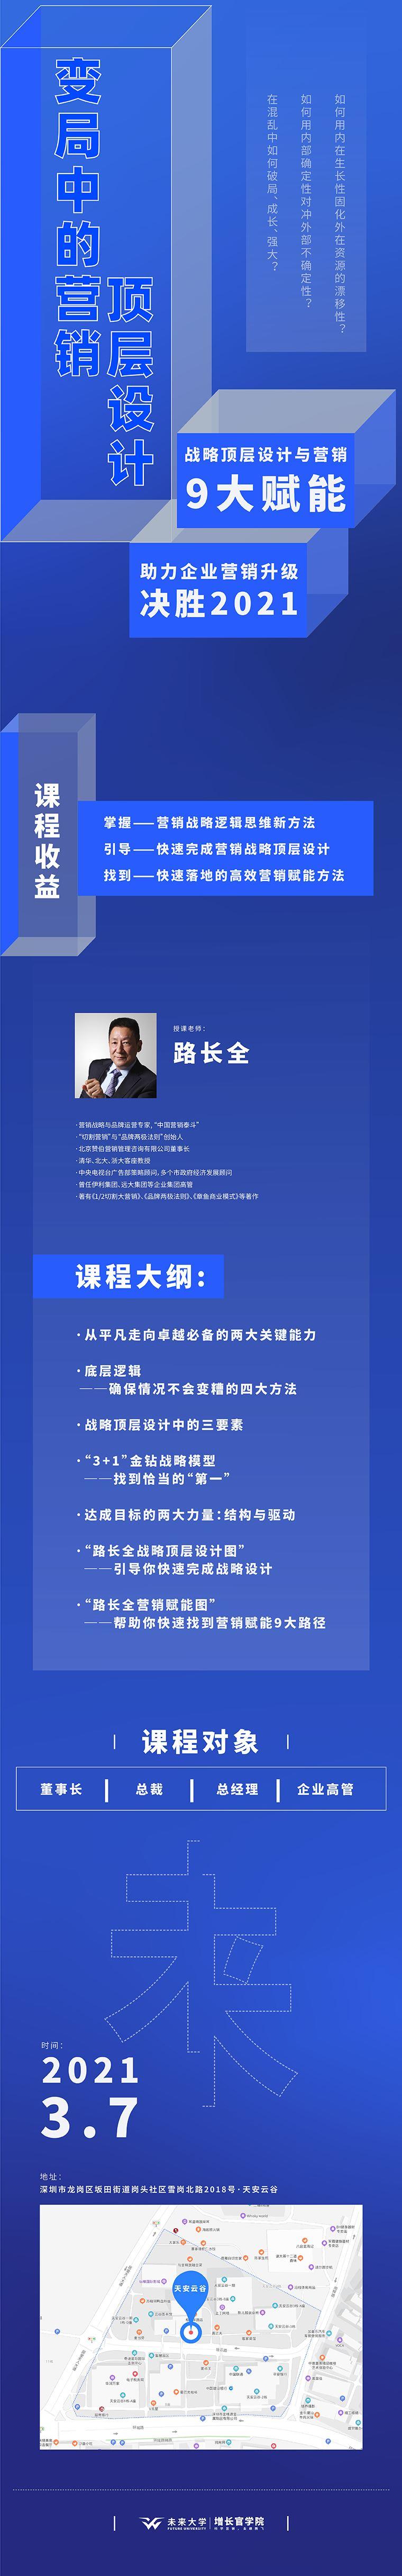 长海报1-1080.jpg